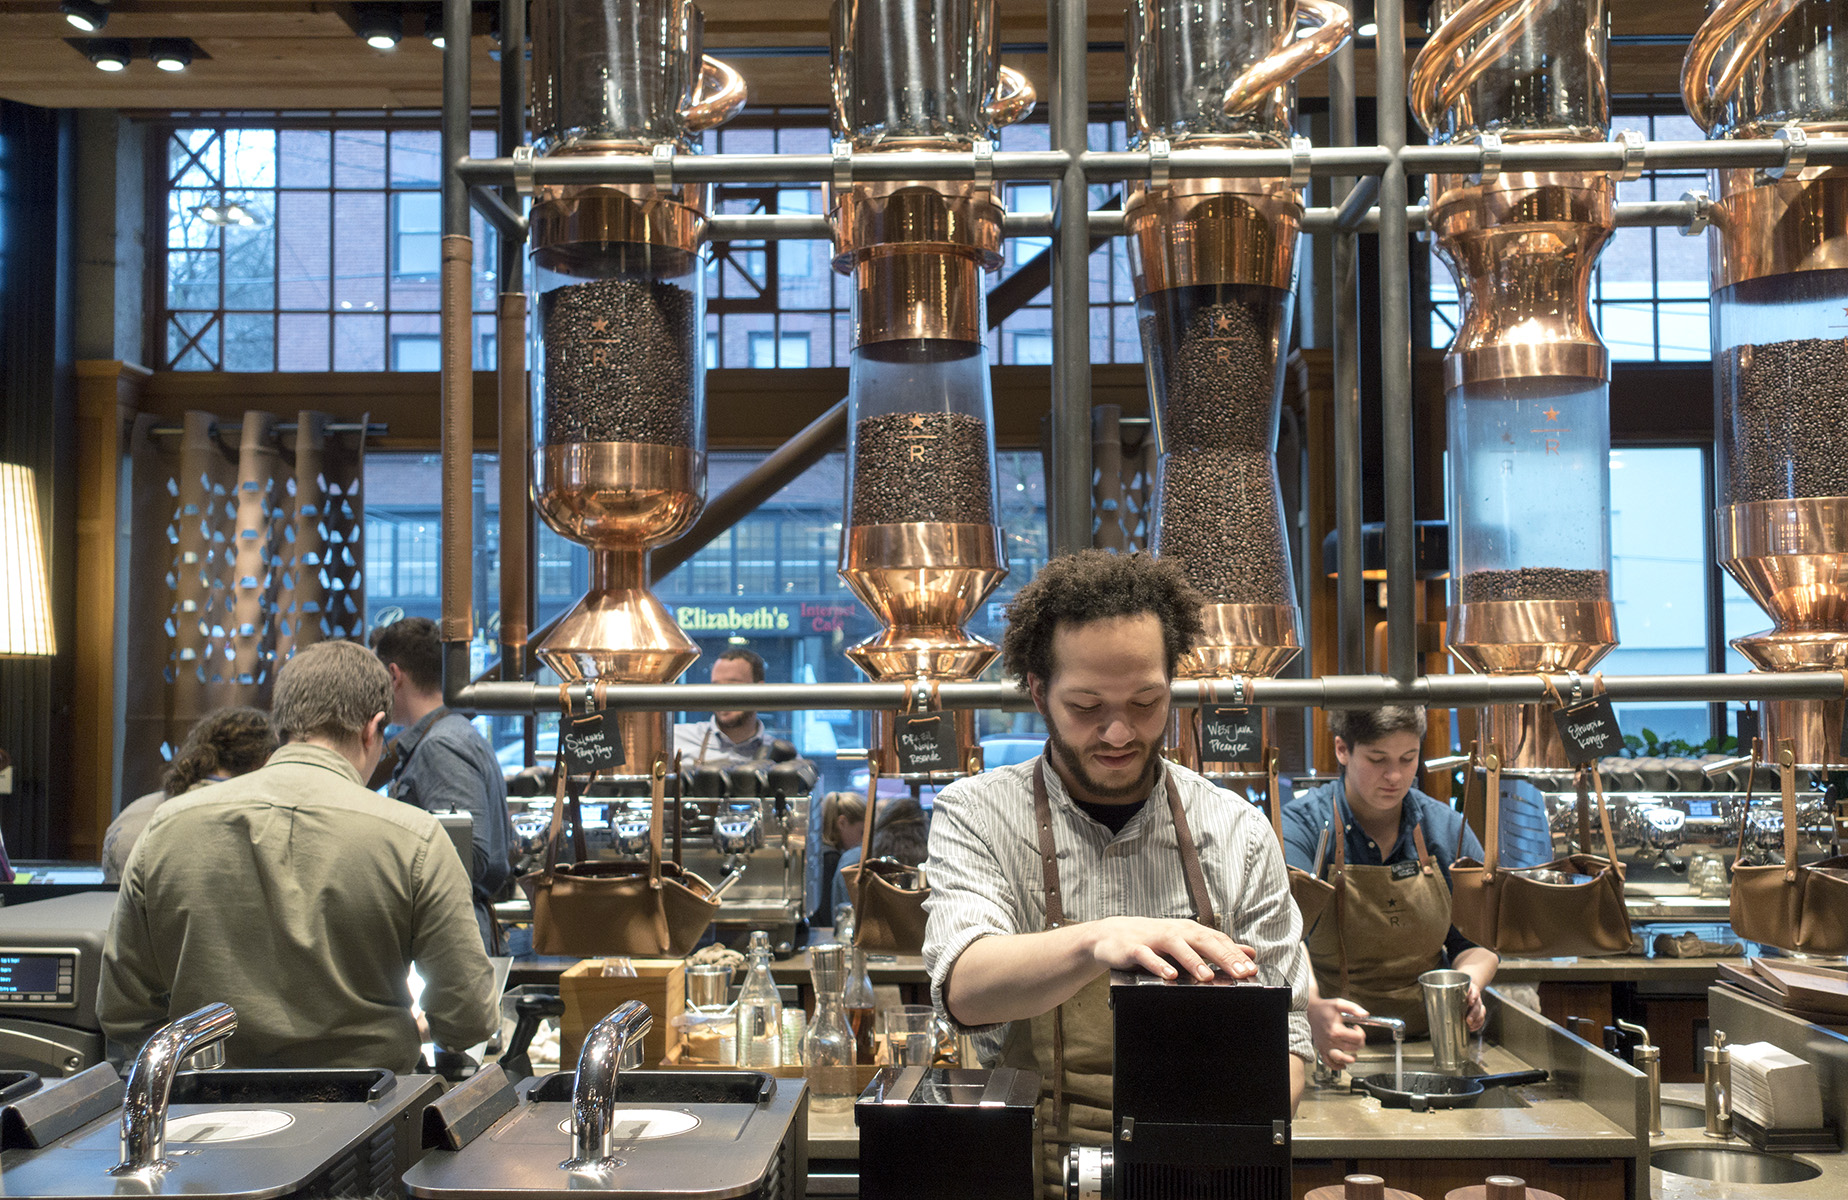 Starbucks Reserve Roastery & Tasting Room.